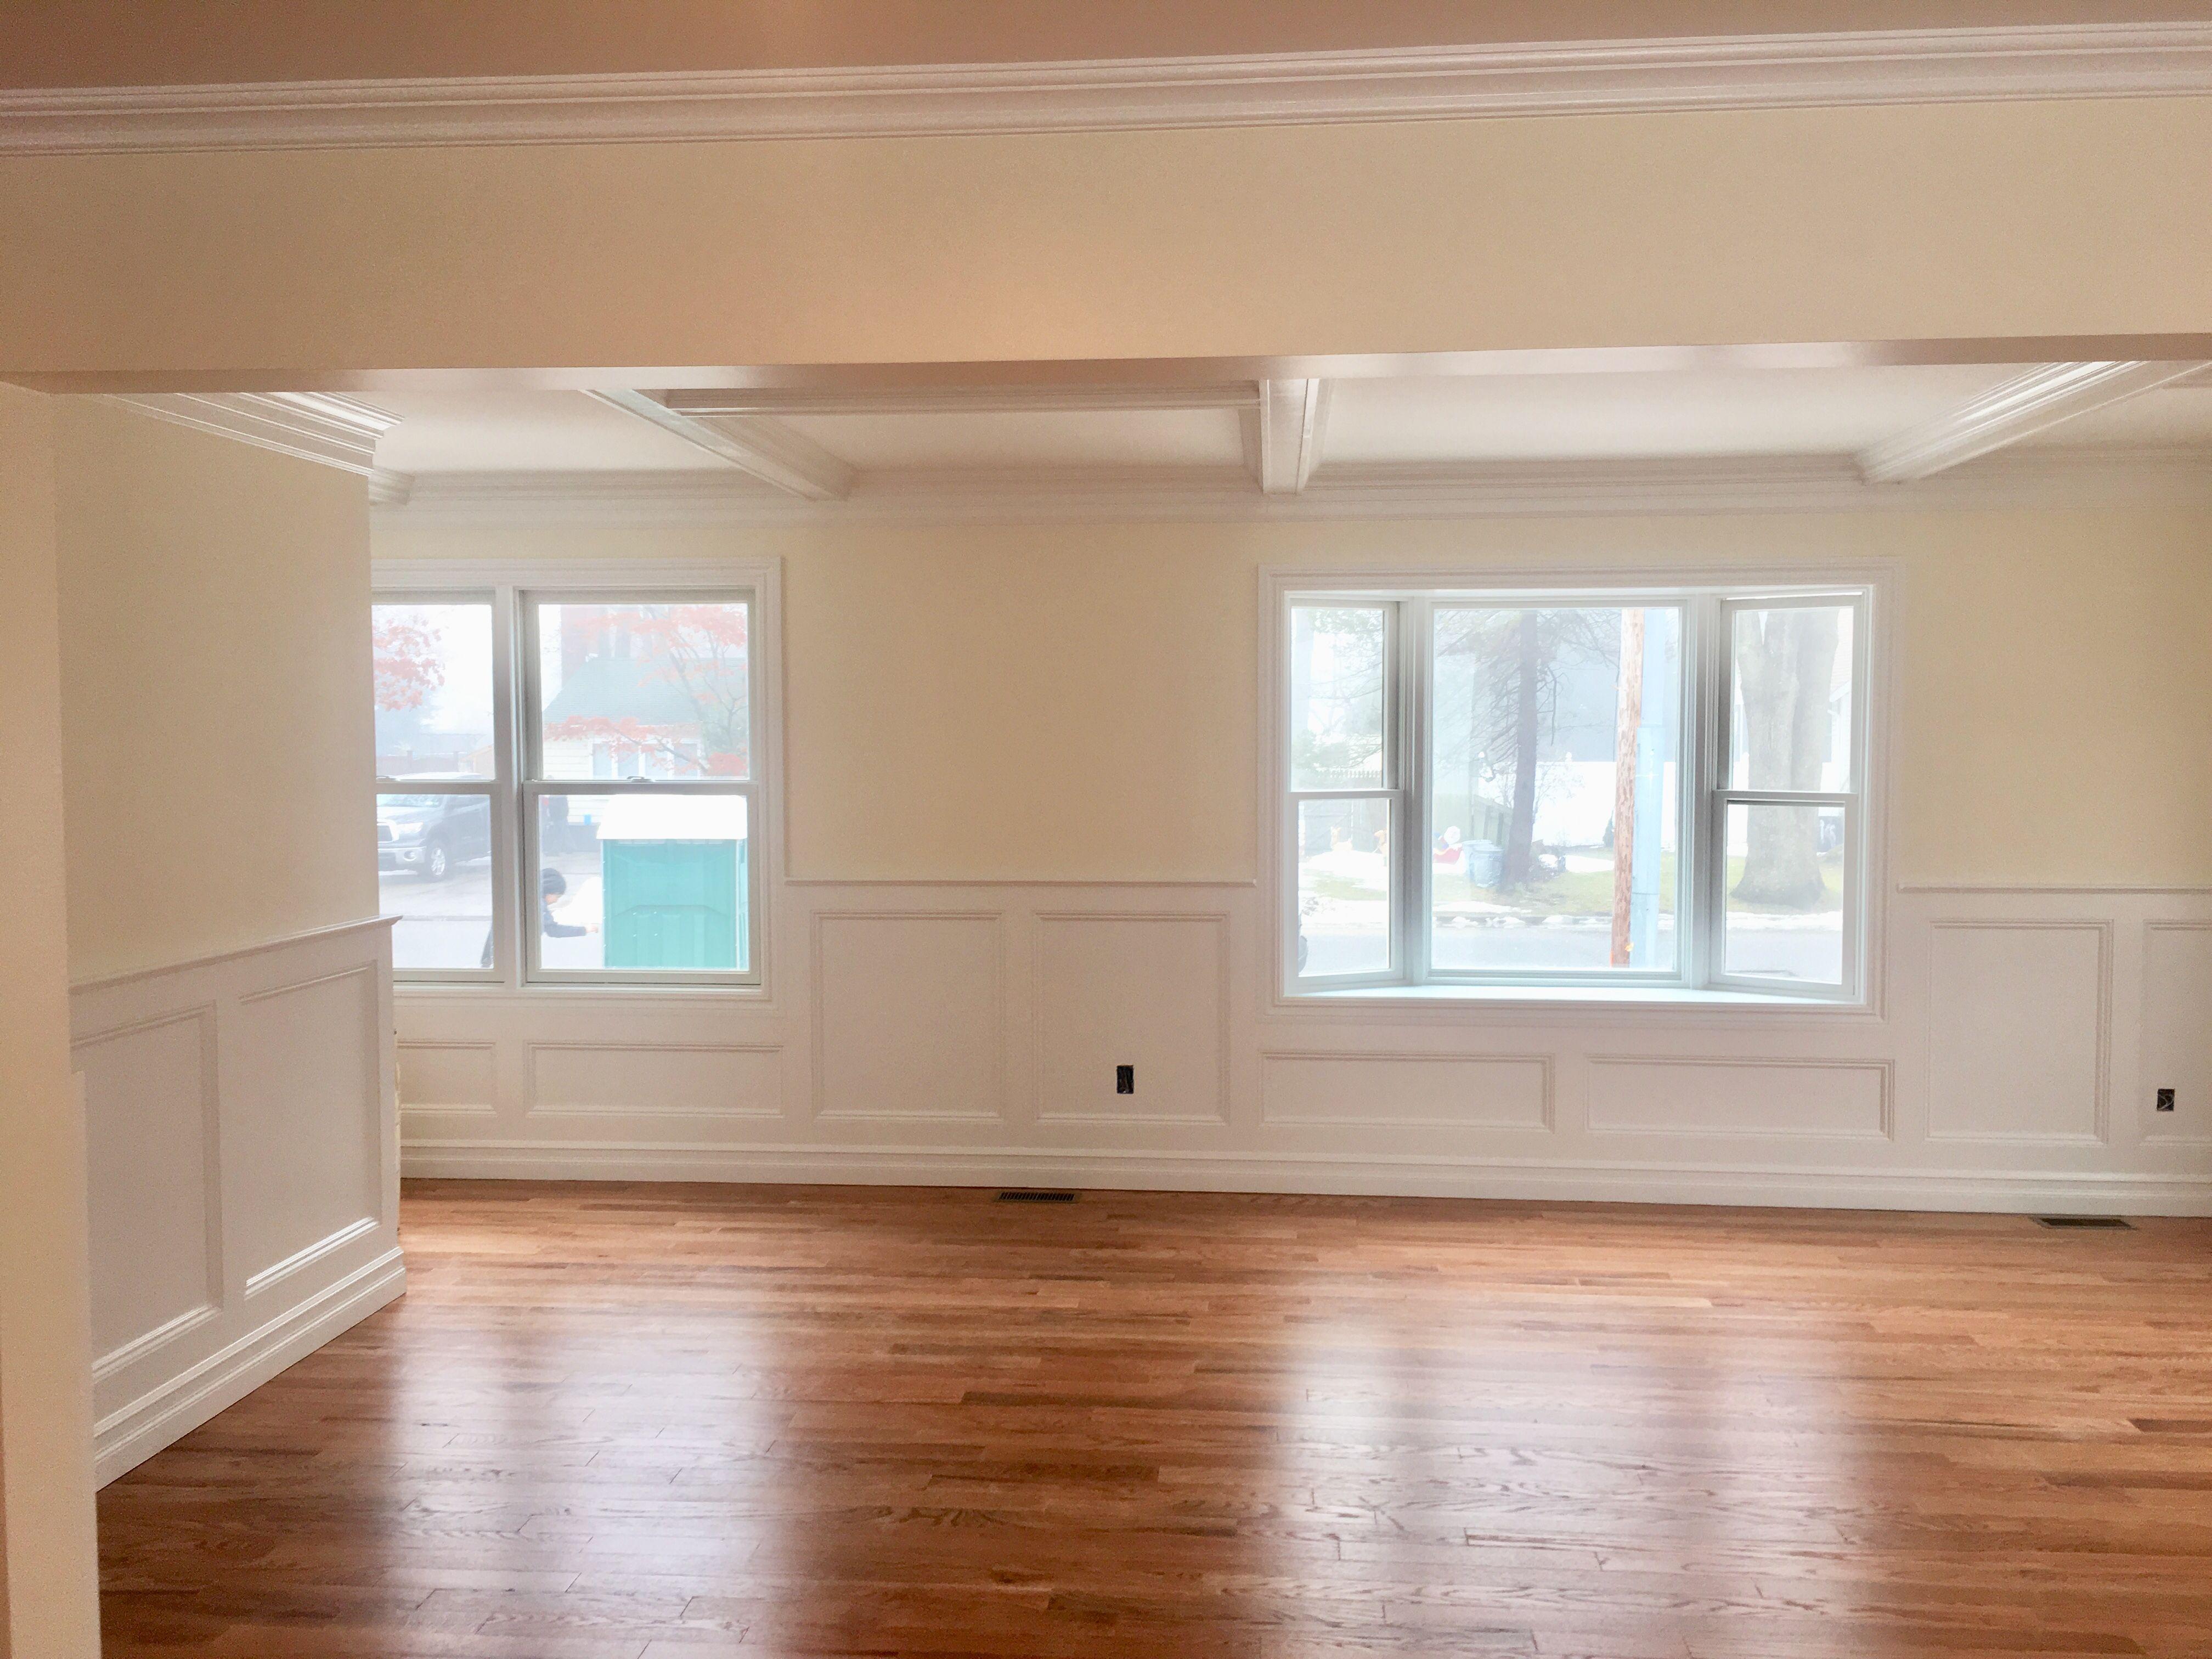 Walls Linen White 912 Matte Finish Ceilings Regal Select White Flat Trim Regal Select White Semi Gloss White Linen Home White